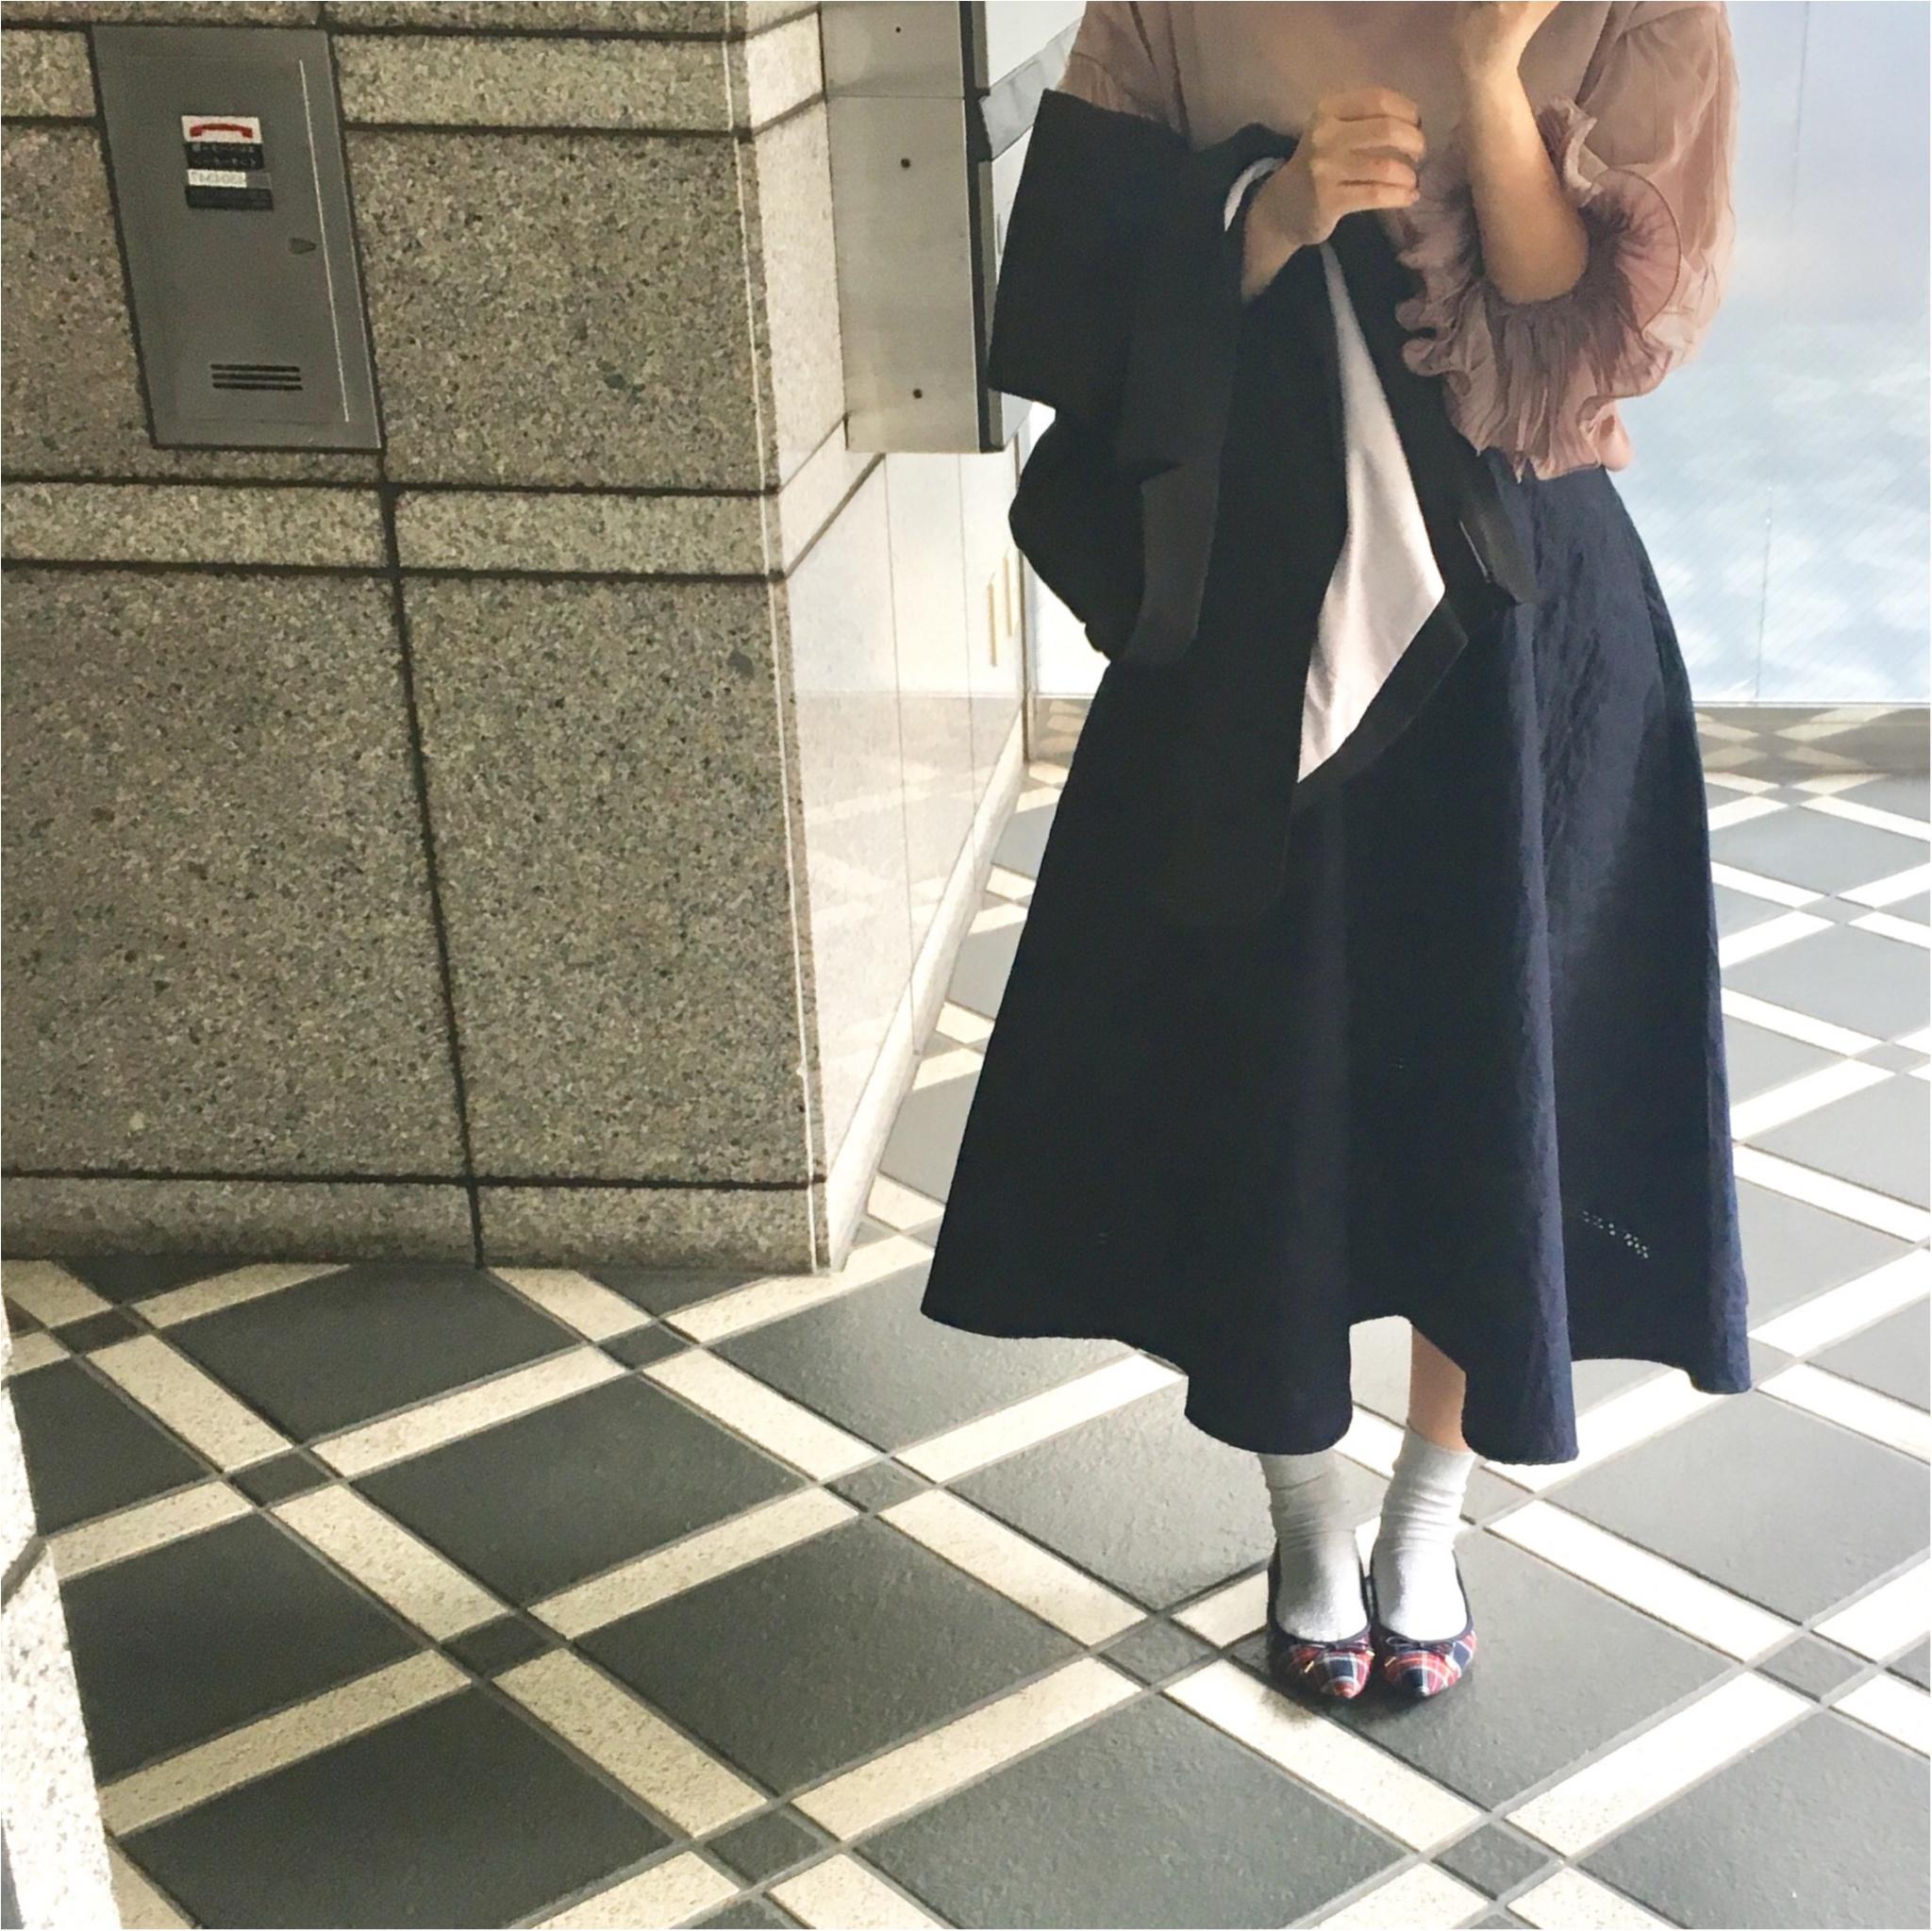 【今週のコーデまとめvol.35】ネイビーが着たい!甘めカジュアル派の7days_6